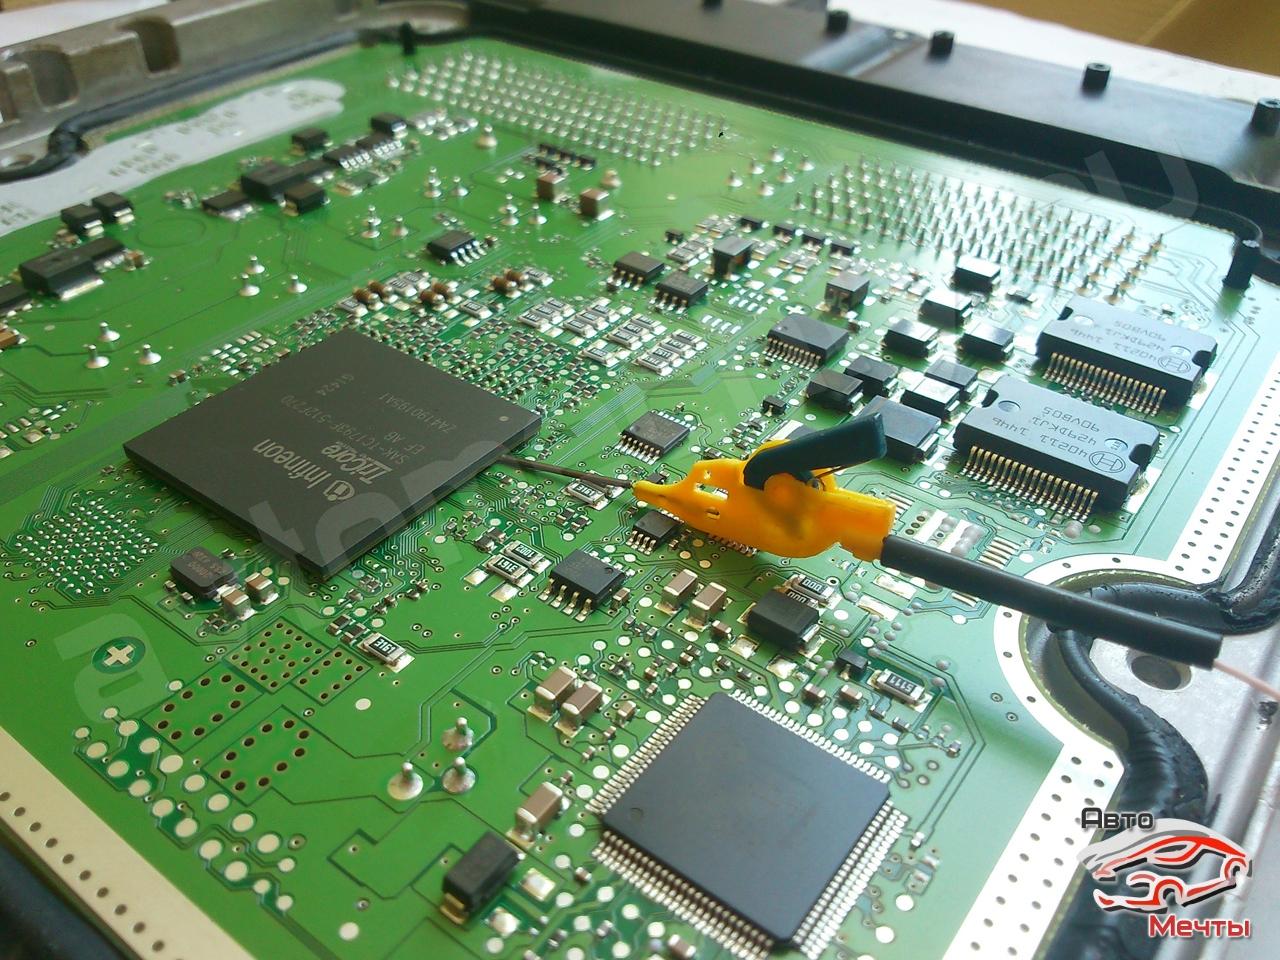 Чип-тюнинг HYUNDAI SANTAFE, отключение сажевого фильтра DPF, клапана EGR, увеличение мощности Stage-1